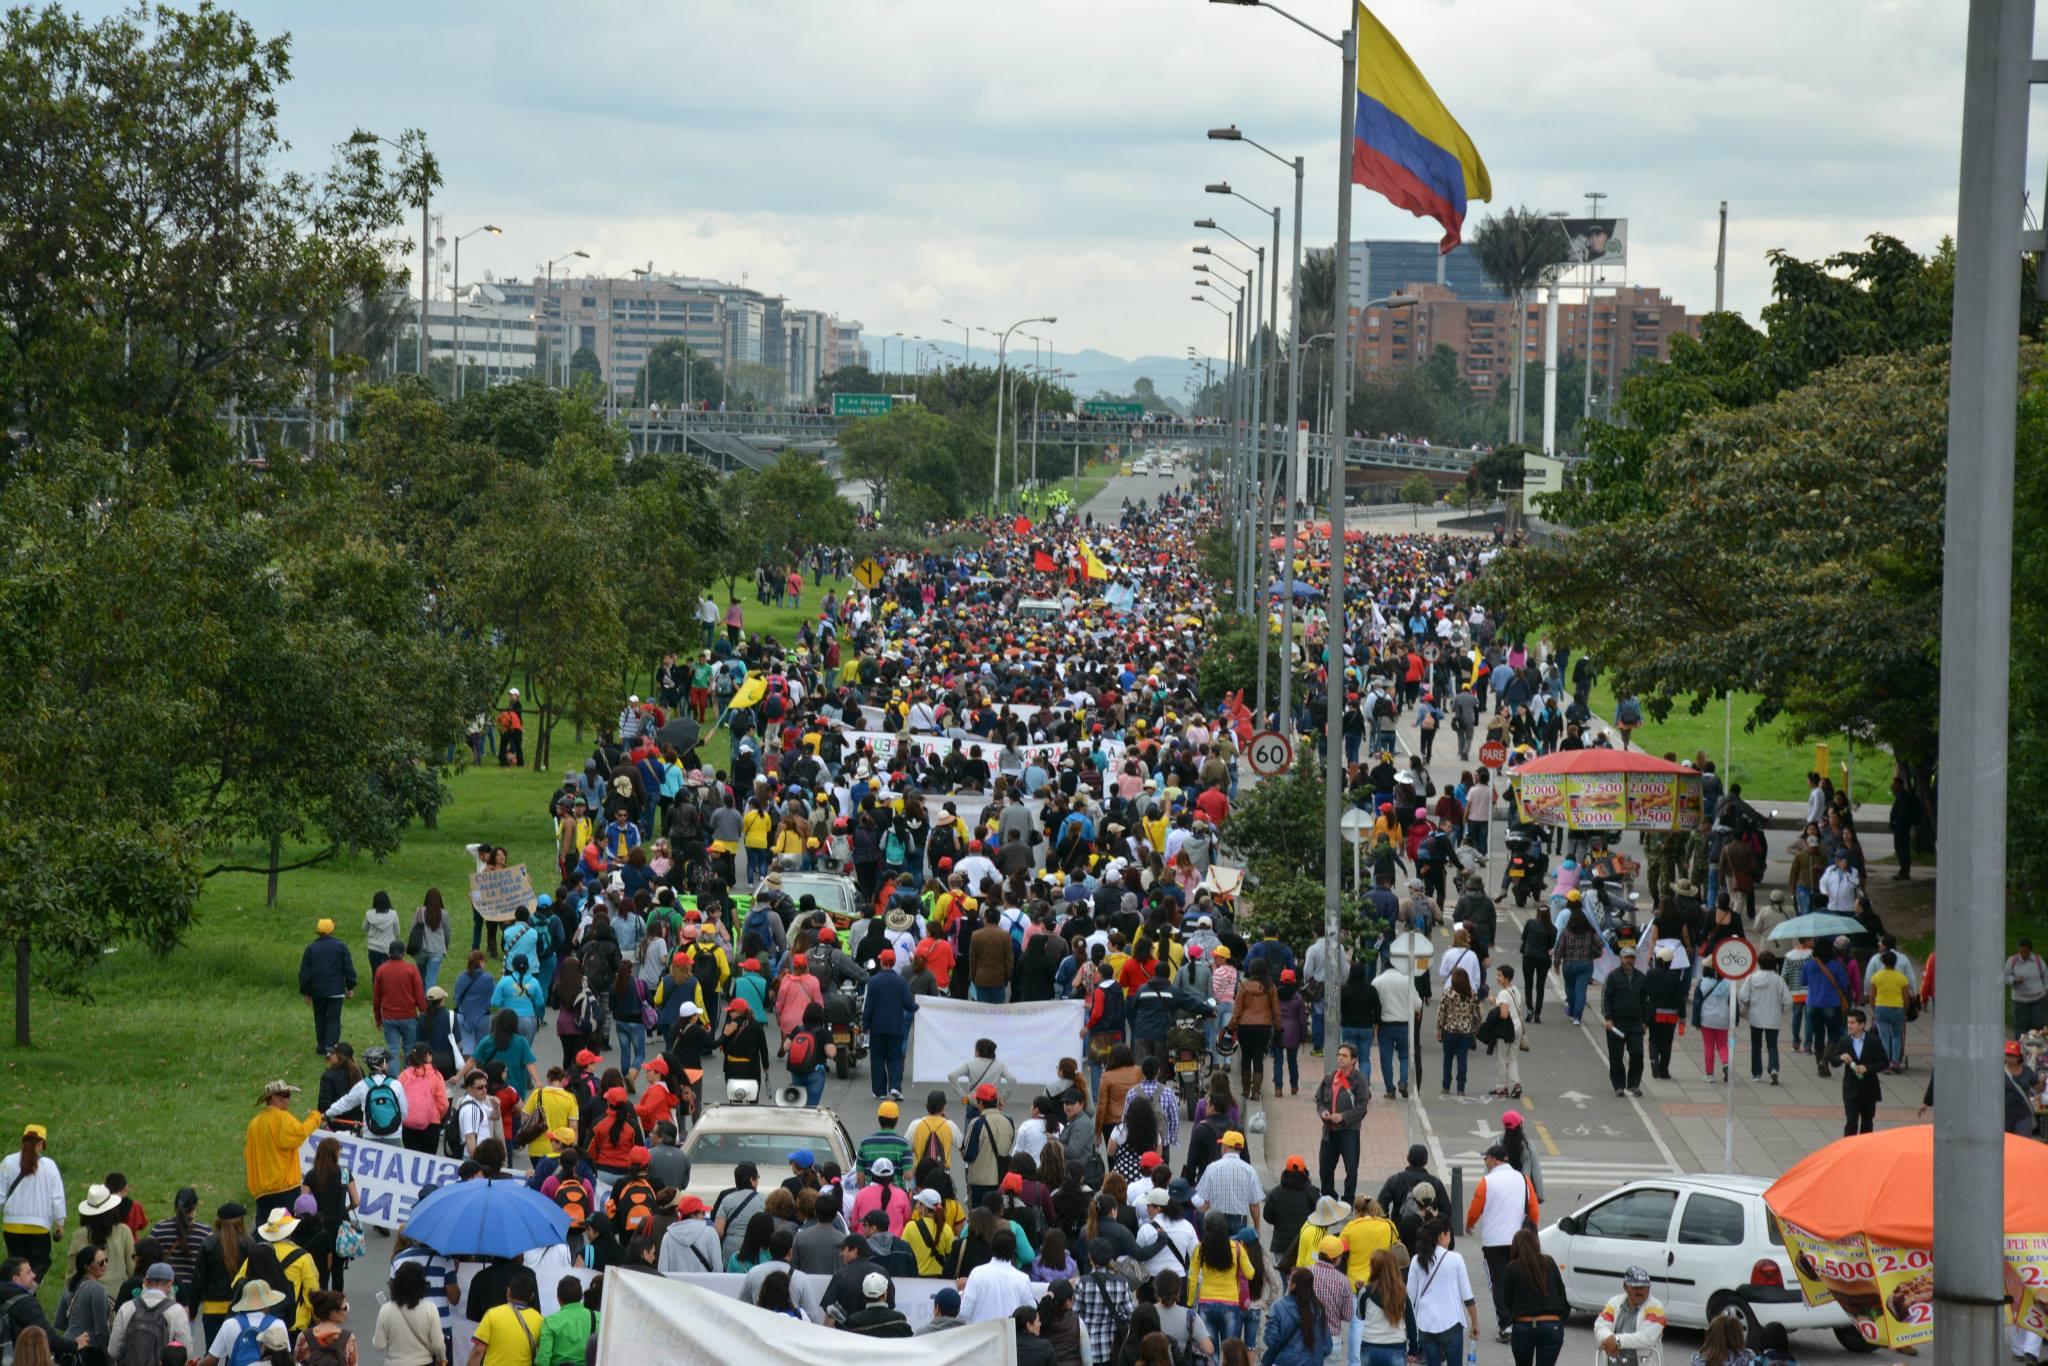 Concejal Manuel Sarmiento respalda la movilización del 25 de febrero convocada por organizaciones sindicales, sociales y políticas